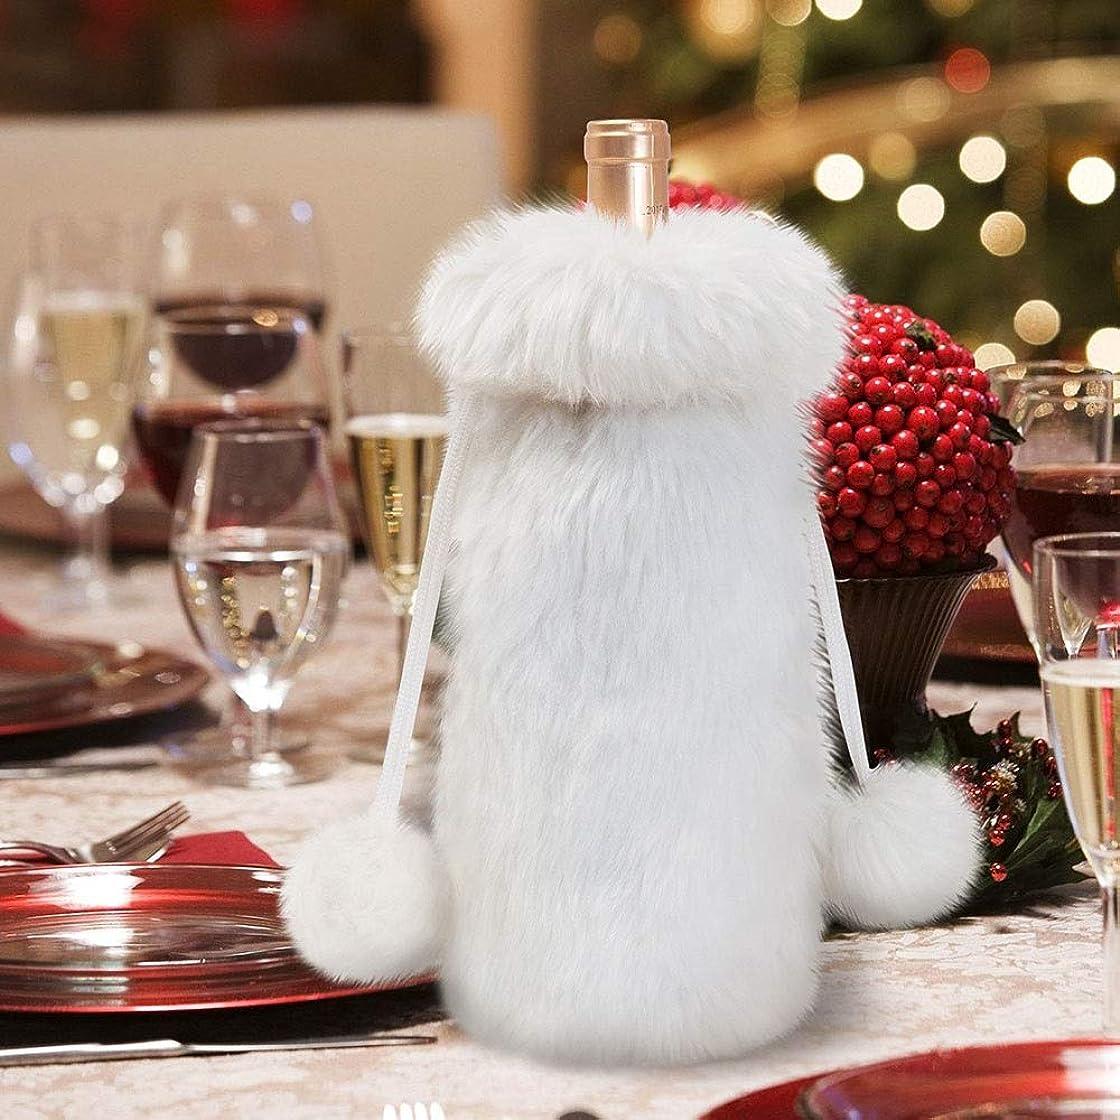 モスクピカリングスナップKUKNOS -4PCS / LOTクリスマスシャンパンボトルセット赤ワインボトルバッグの新しいクリスマスのテーブルの飾りのぬいぐるみ白ワインボトルバッグ God (Color : White, Size : 9x9x32cm)